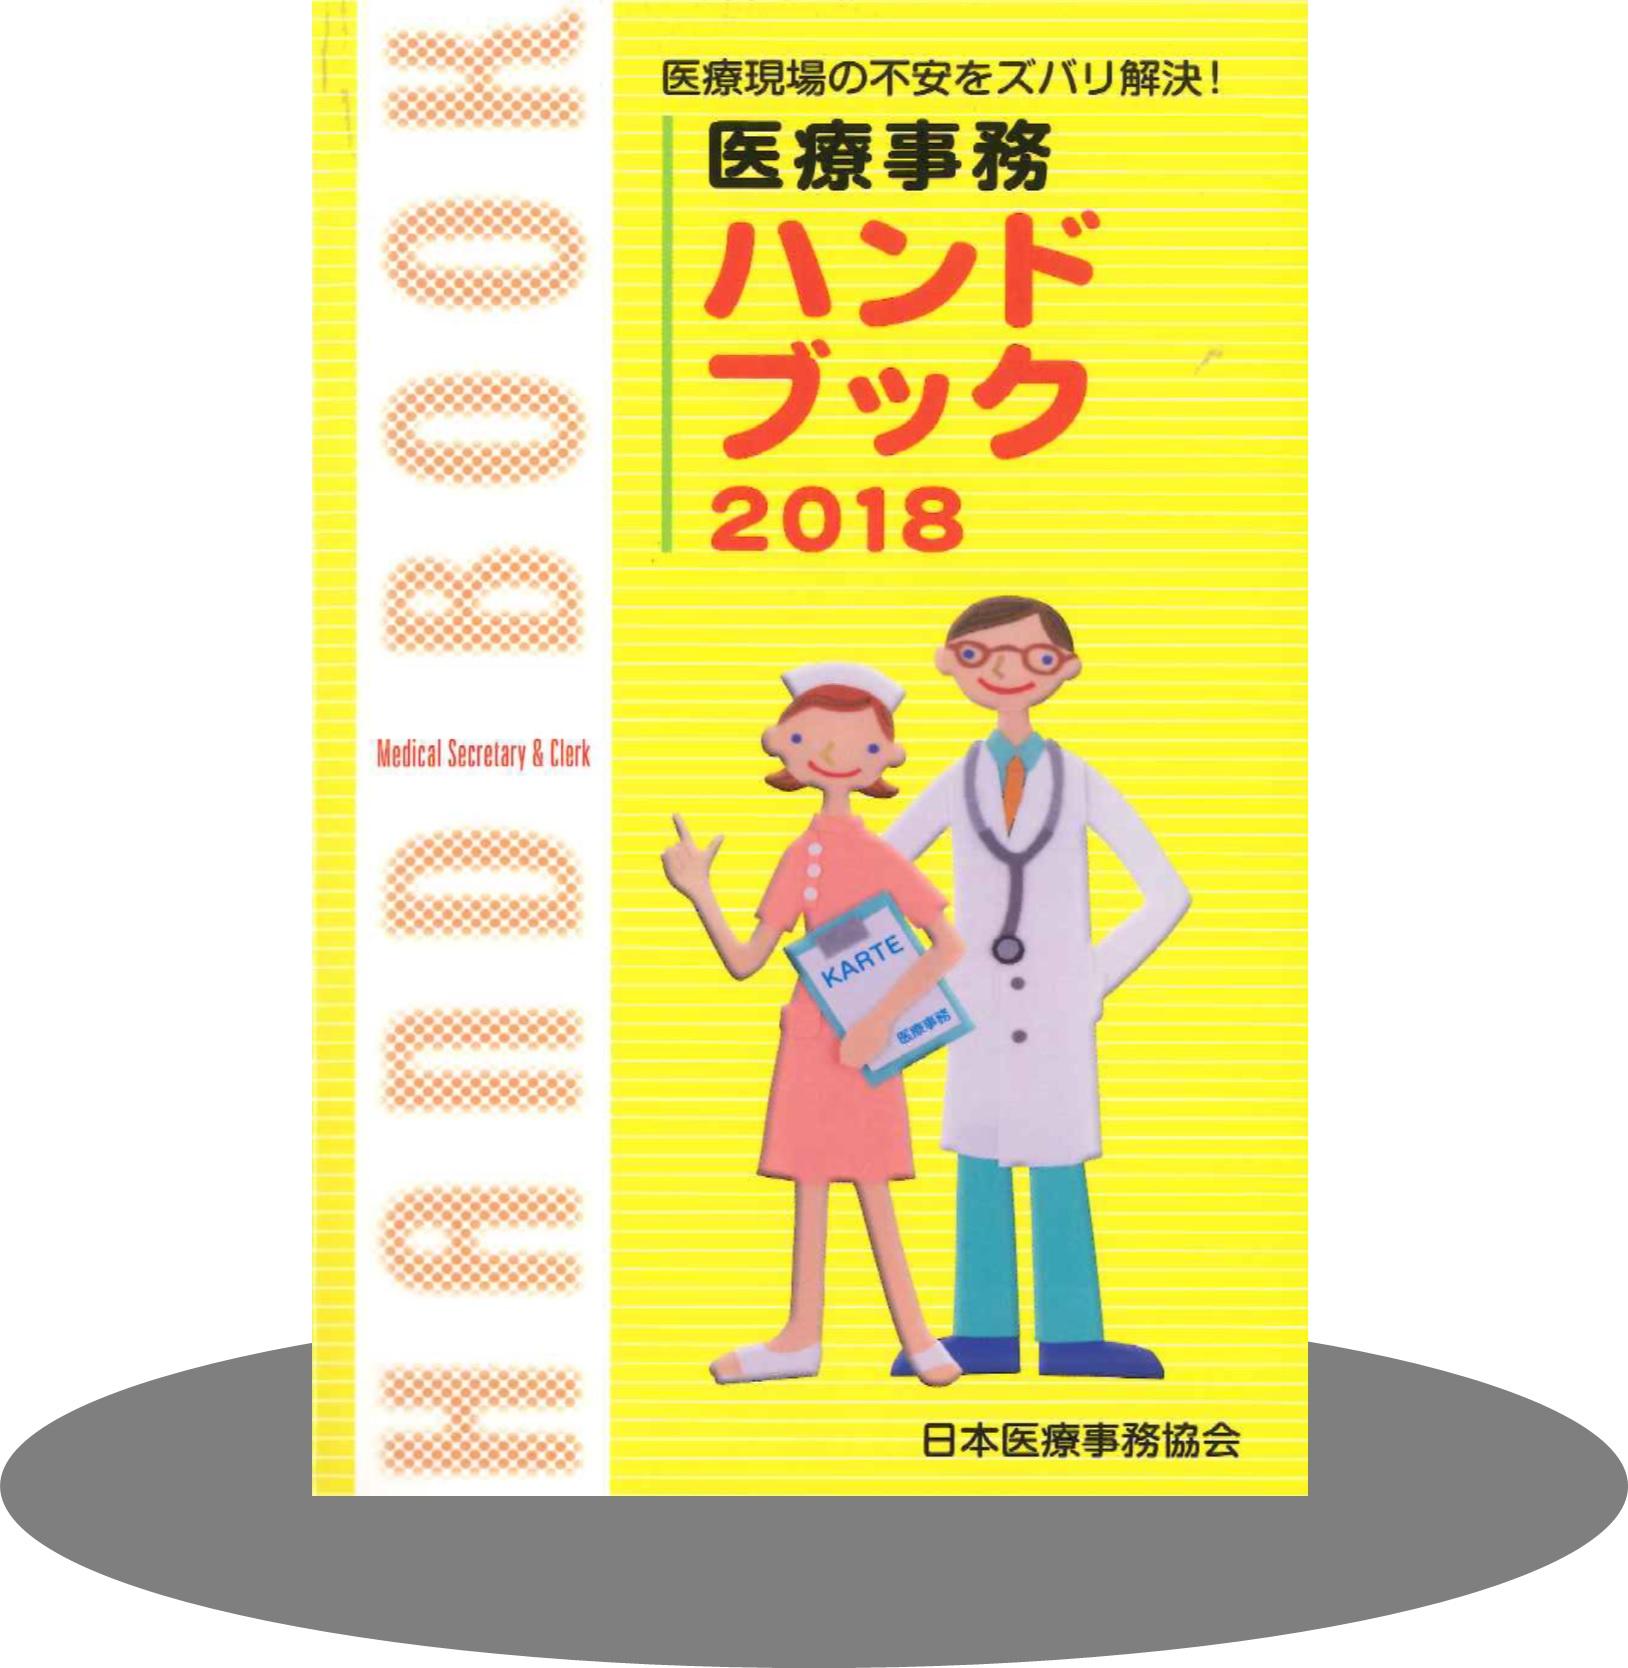 医療事務ハンドブック2017